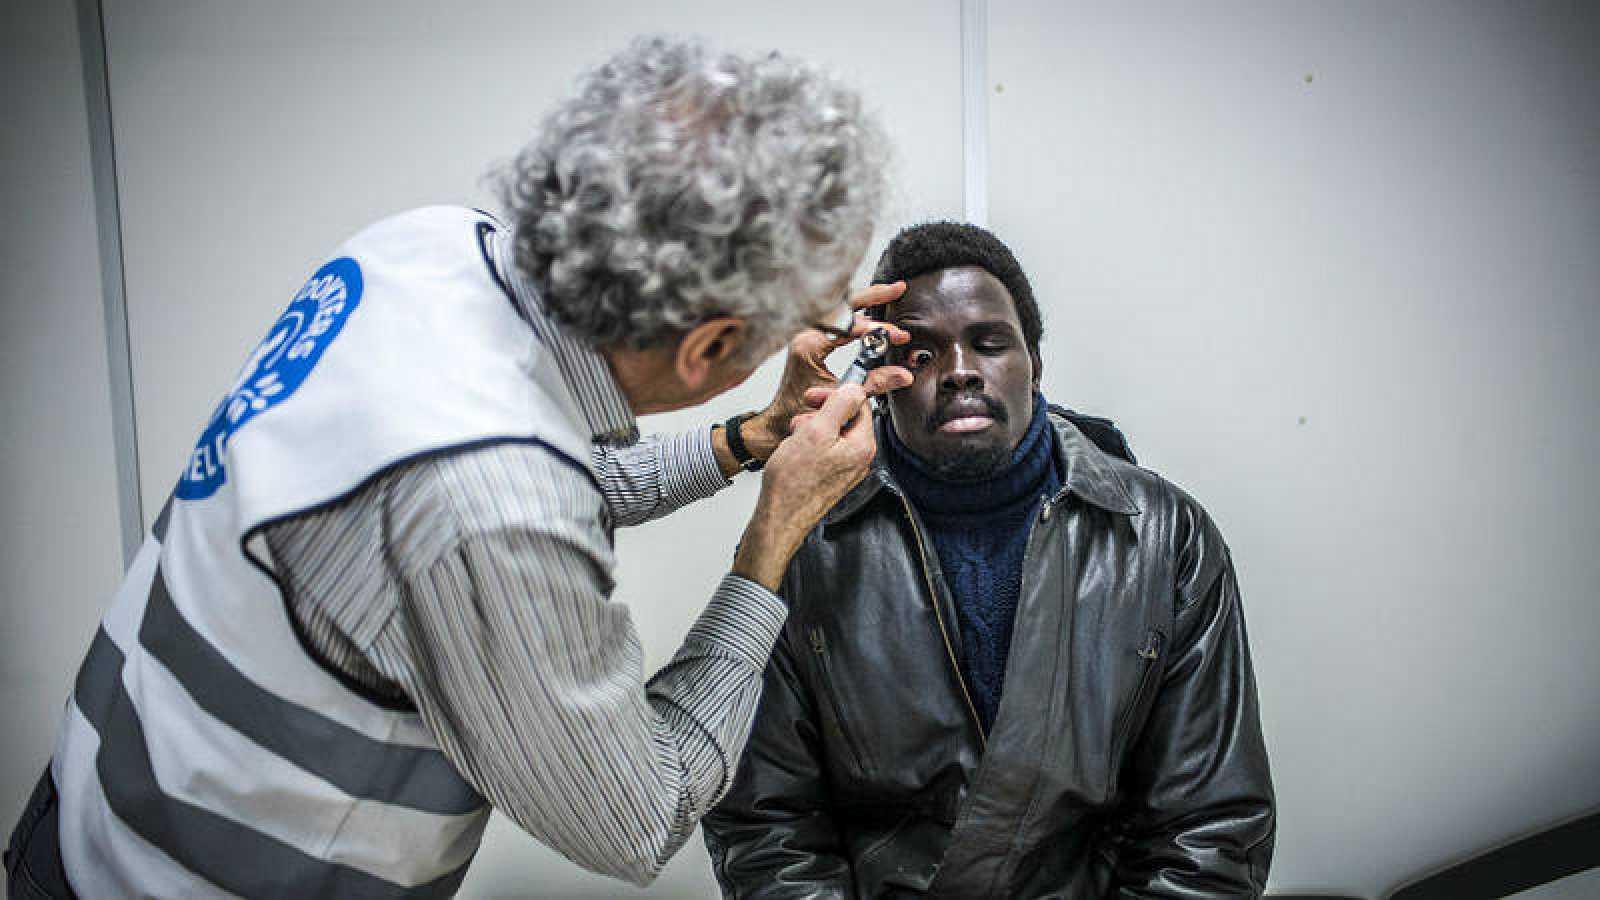 El Centro Humanitario de Bruselas ayuda a migrantes en tránsito